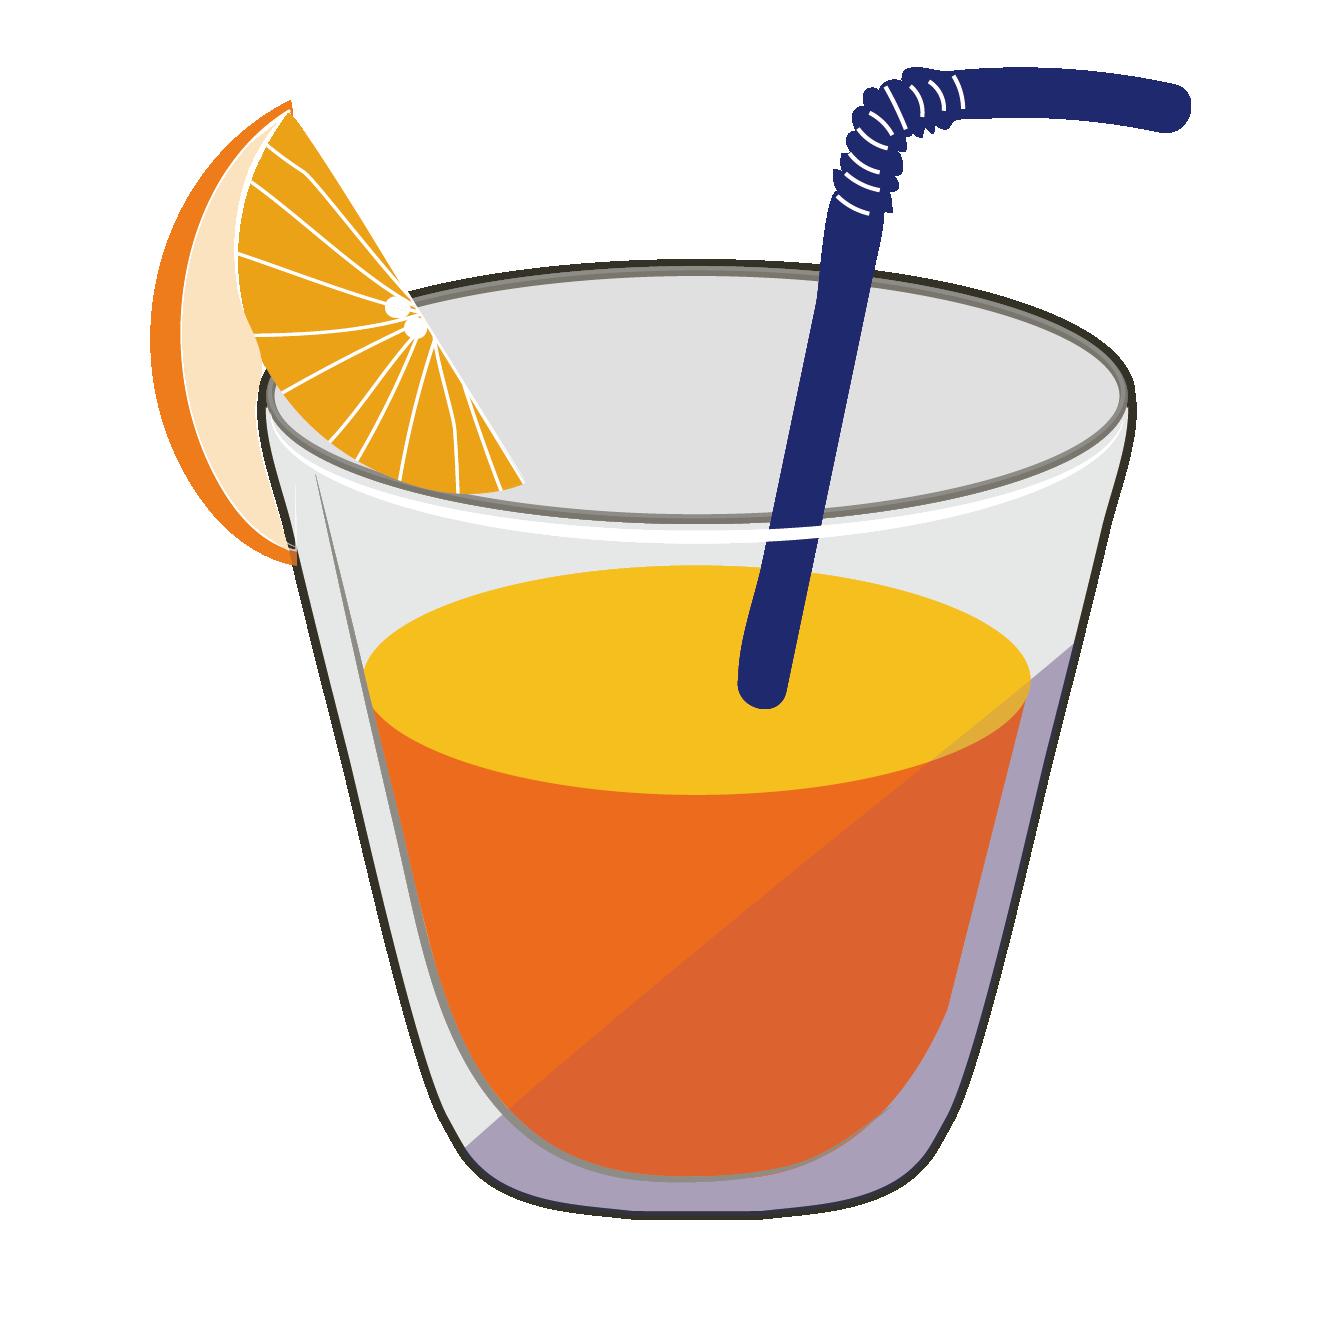 飲み物 イラスト」の検索結果 - yahoo!検索(画像)